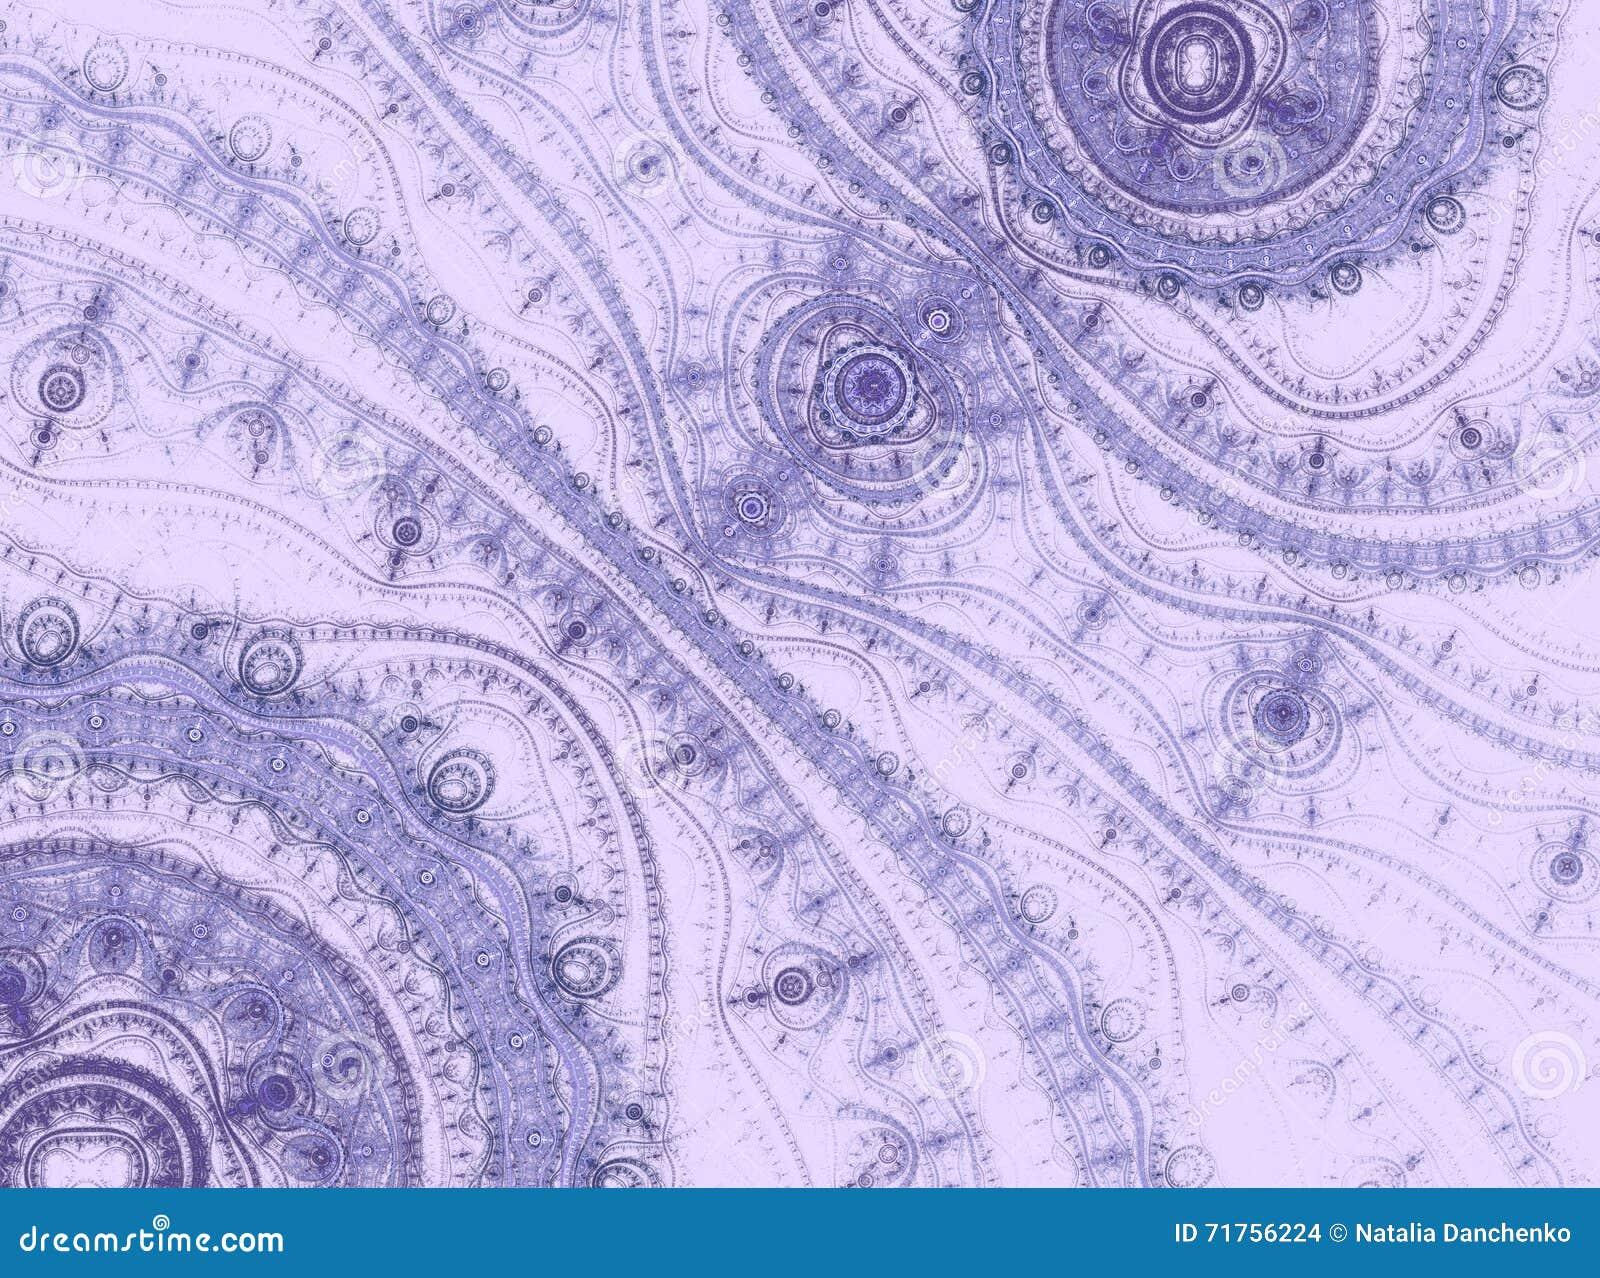 Lavender δαντέλλες Αφηρημένη παραγμένη υπολογιστής εικόνα